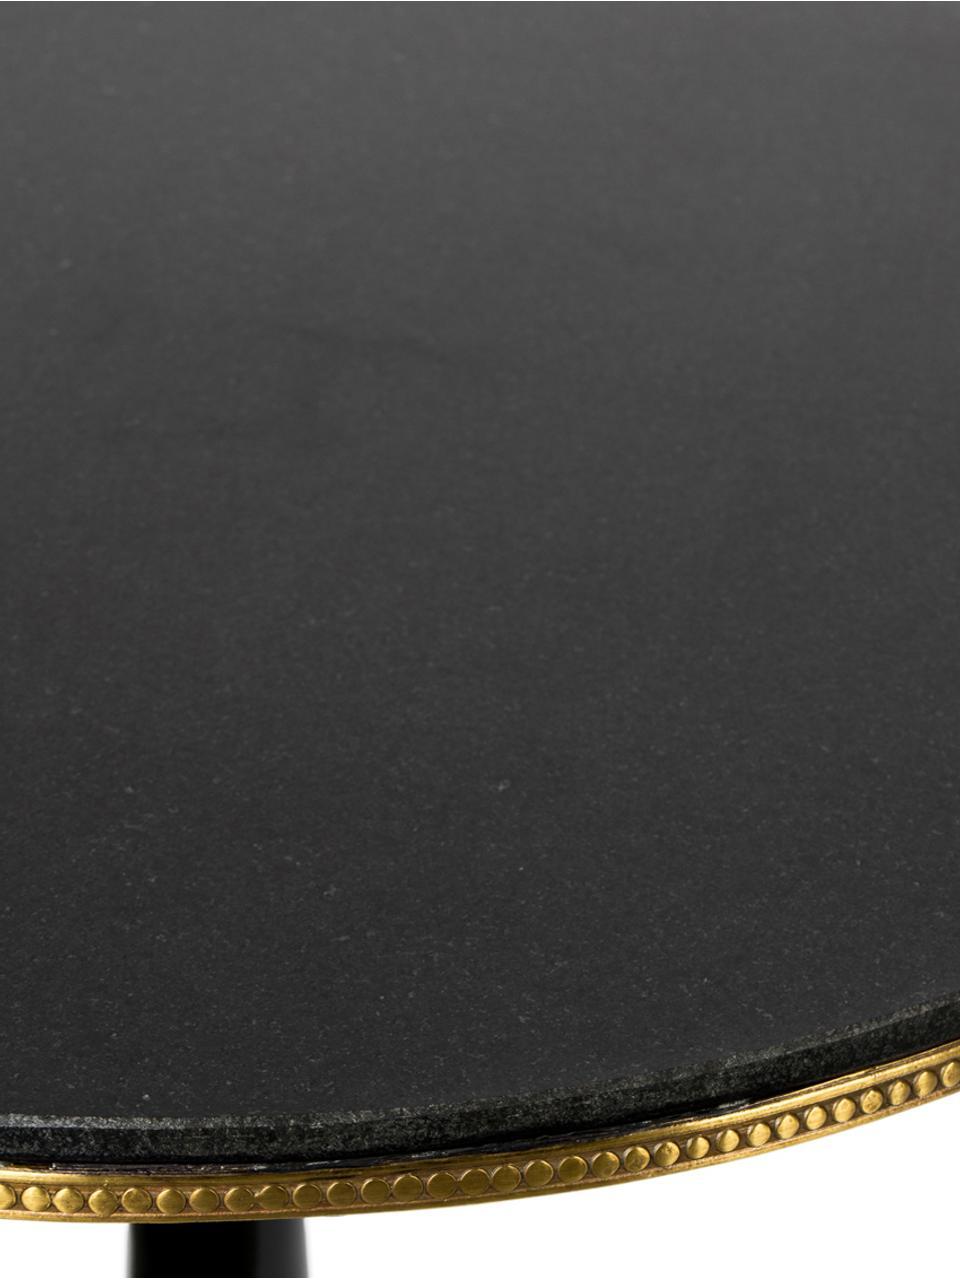 Runder Granitstein-Esstisch Own The Glow, Tischplatte: Granitstein, Schwarz, Goldfarben, Ø 65 x H 76 cm